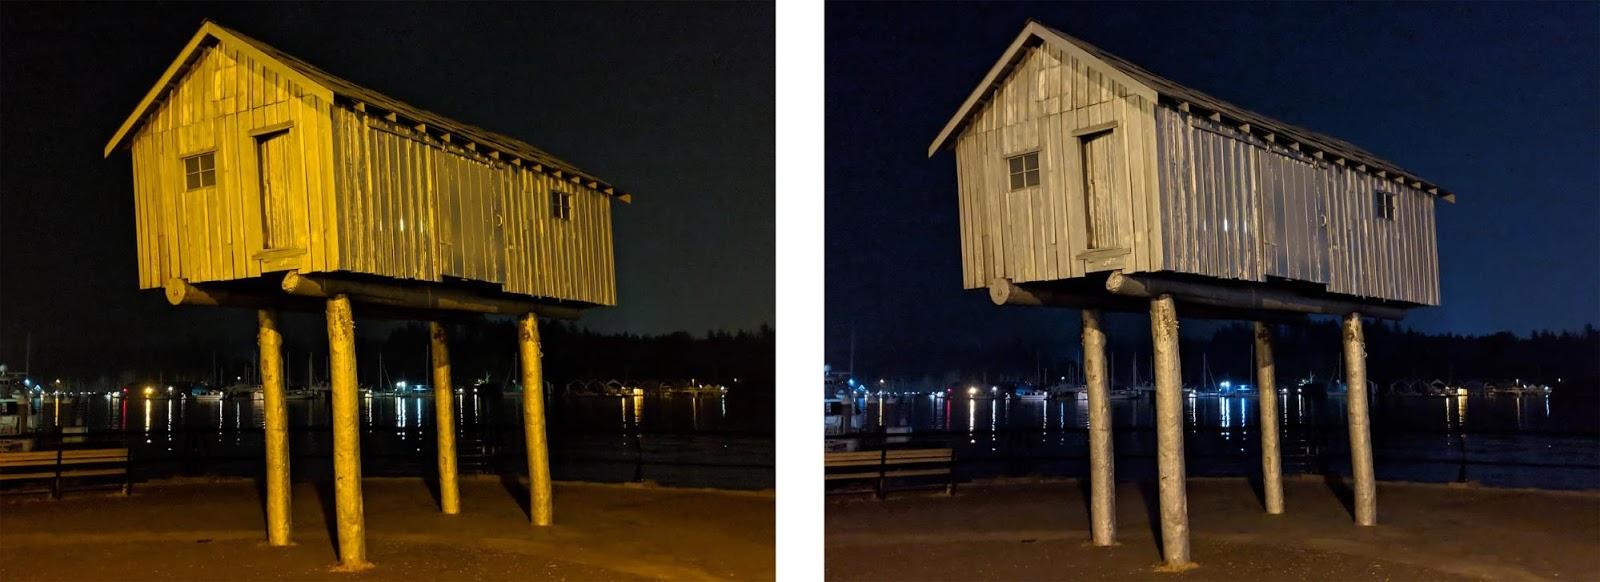 Night Sight: как телефоны Pixel видят в темноте - 4